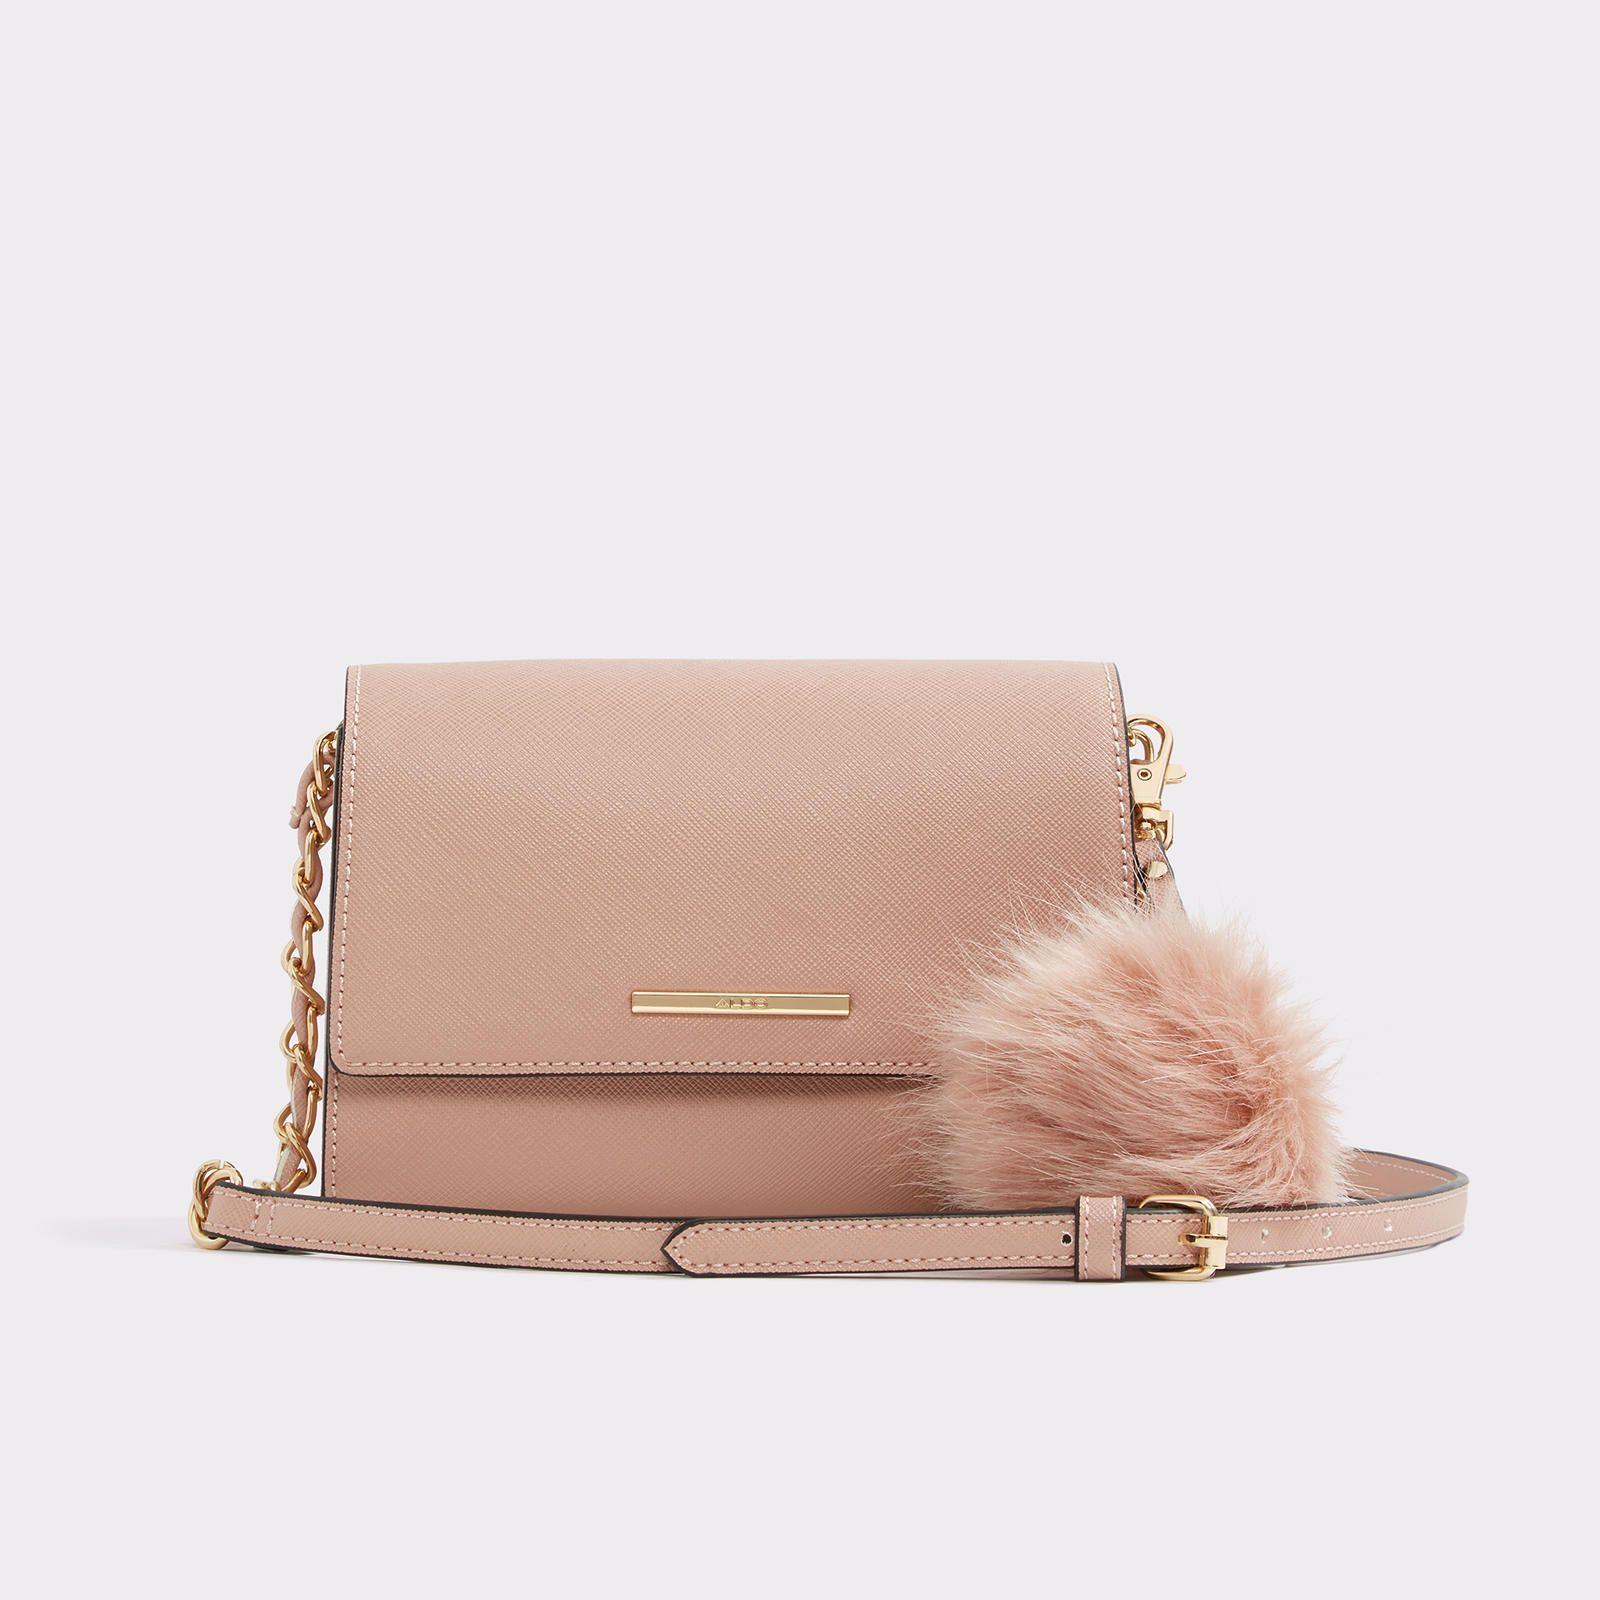 91453a0143f Pin by Dede esber on .Sacs.À.Touts. | Aldo bags, Fashion, Handbags